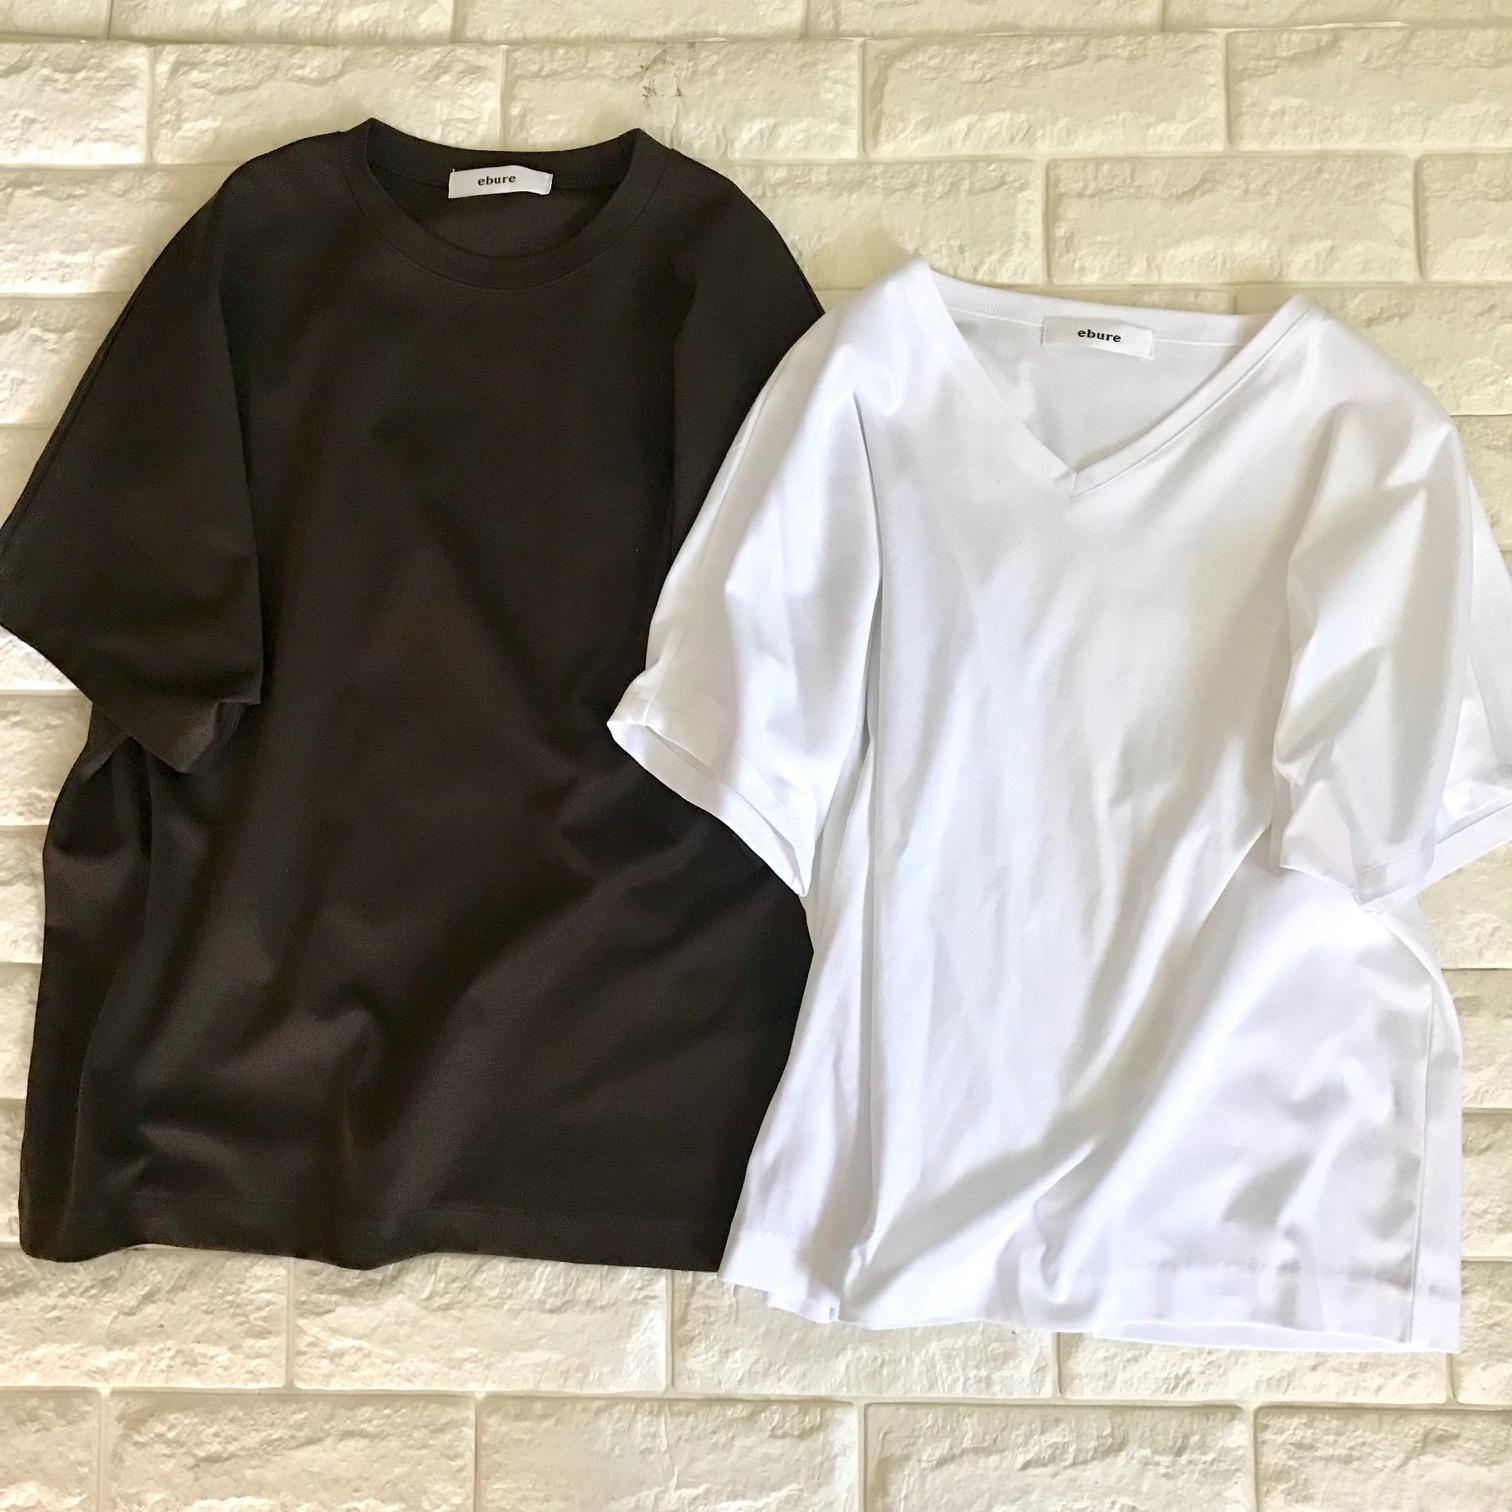 エブールのTシャツ2枚画像